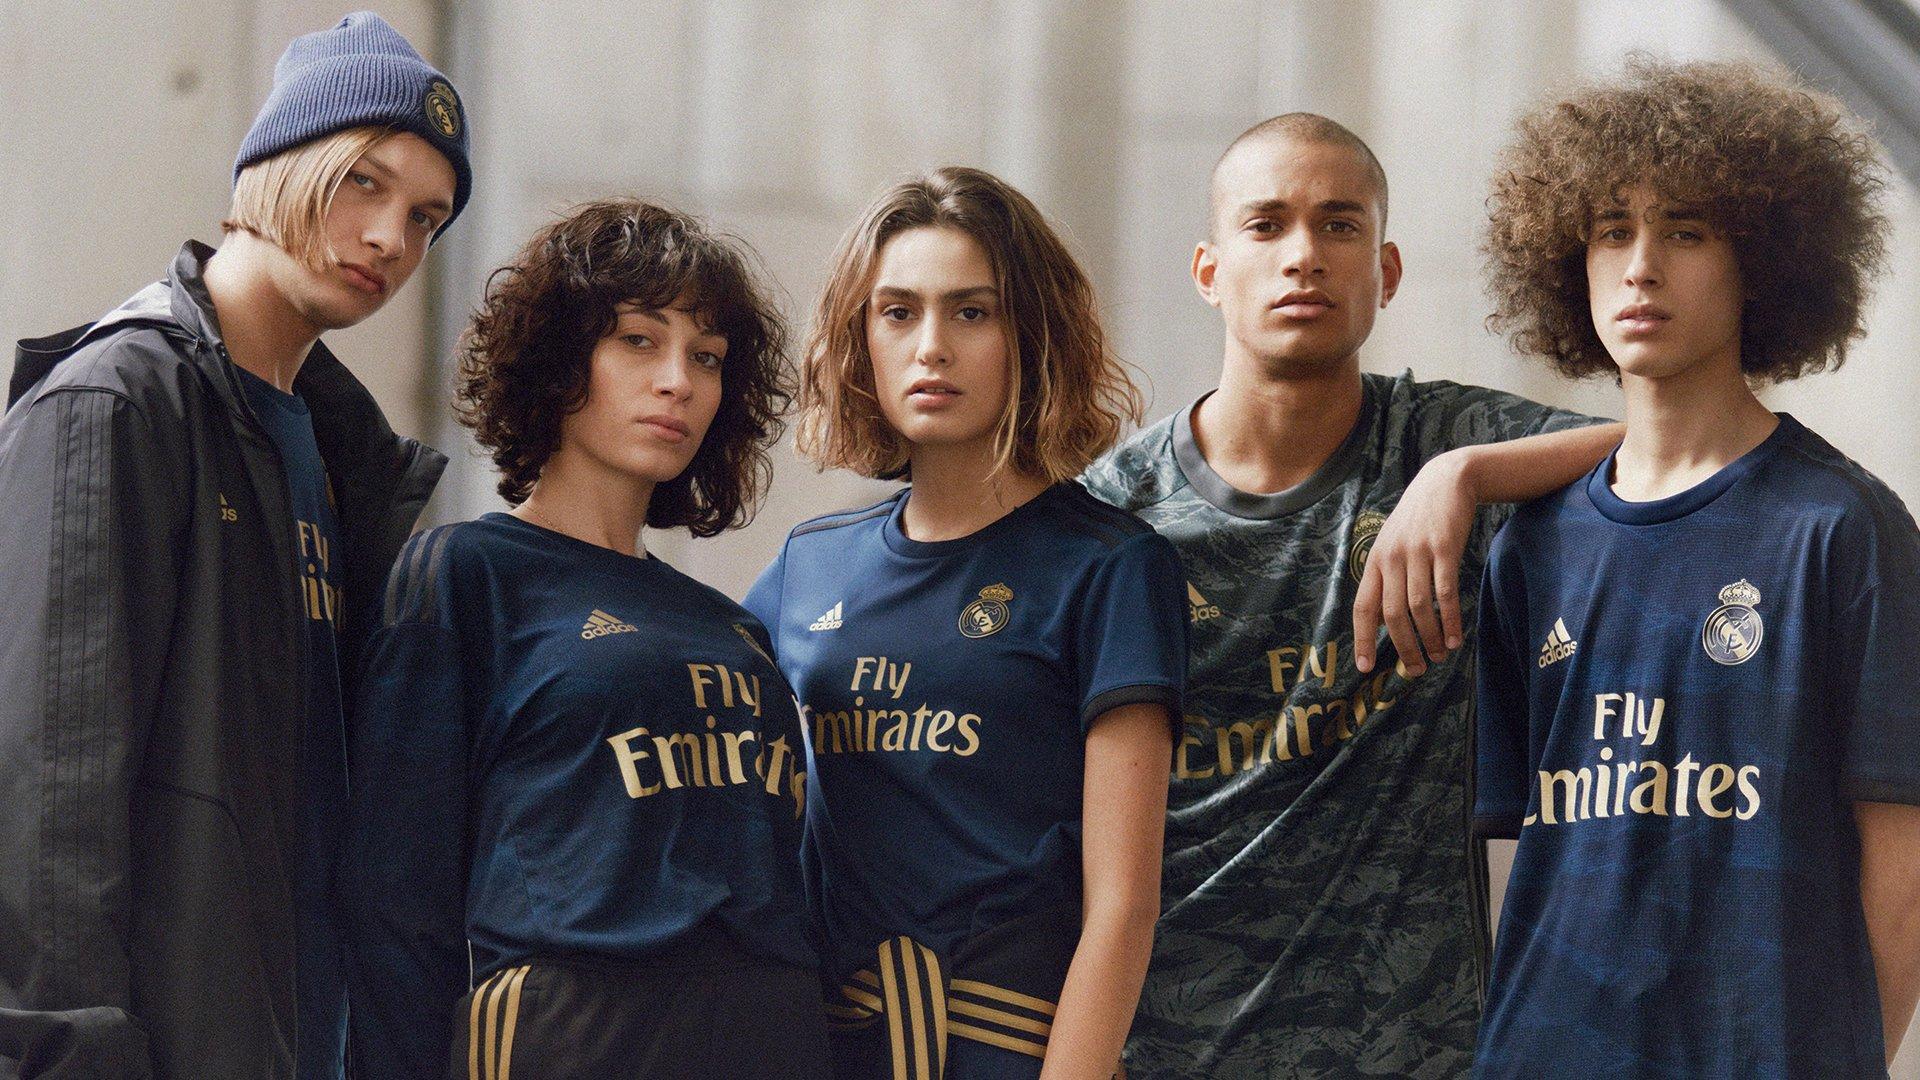 Neues Real Madrid Auswartstrikot Erfahre Mehr Hier Bei Unisport